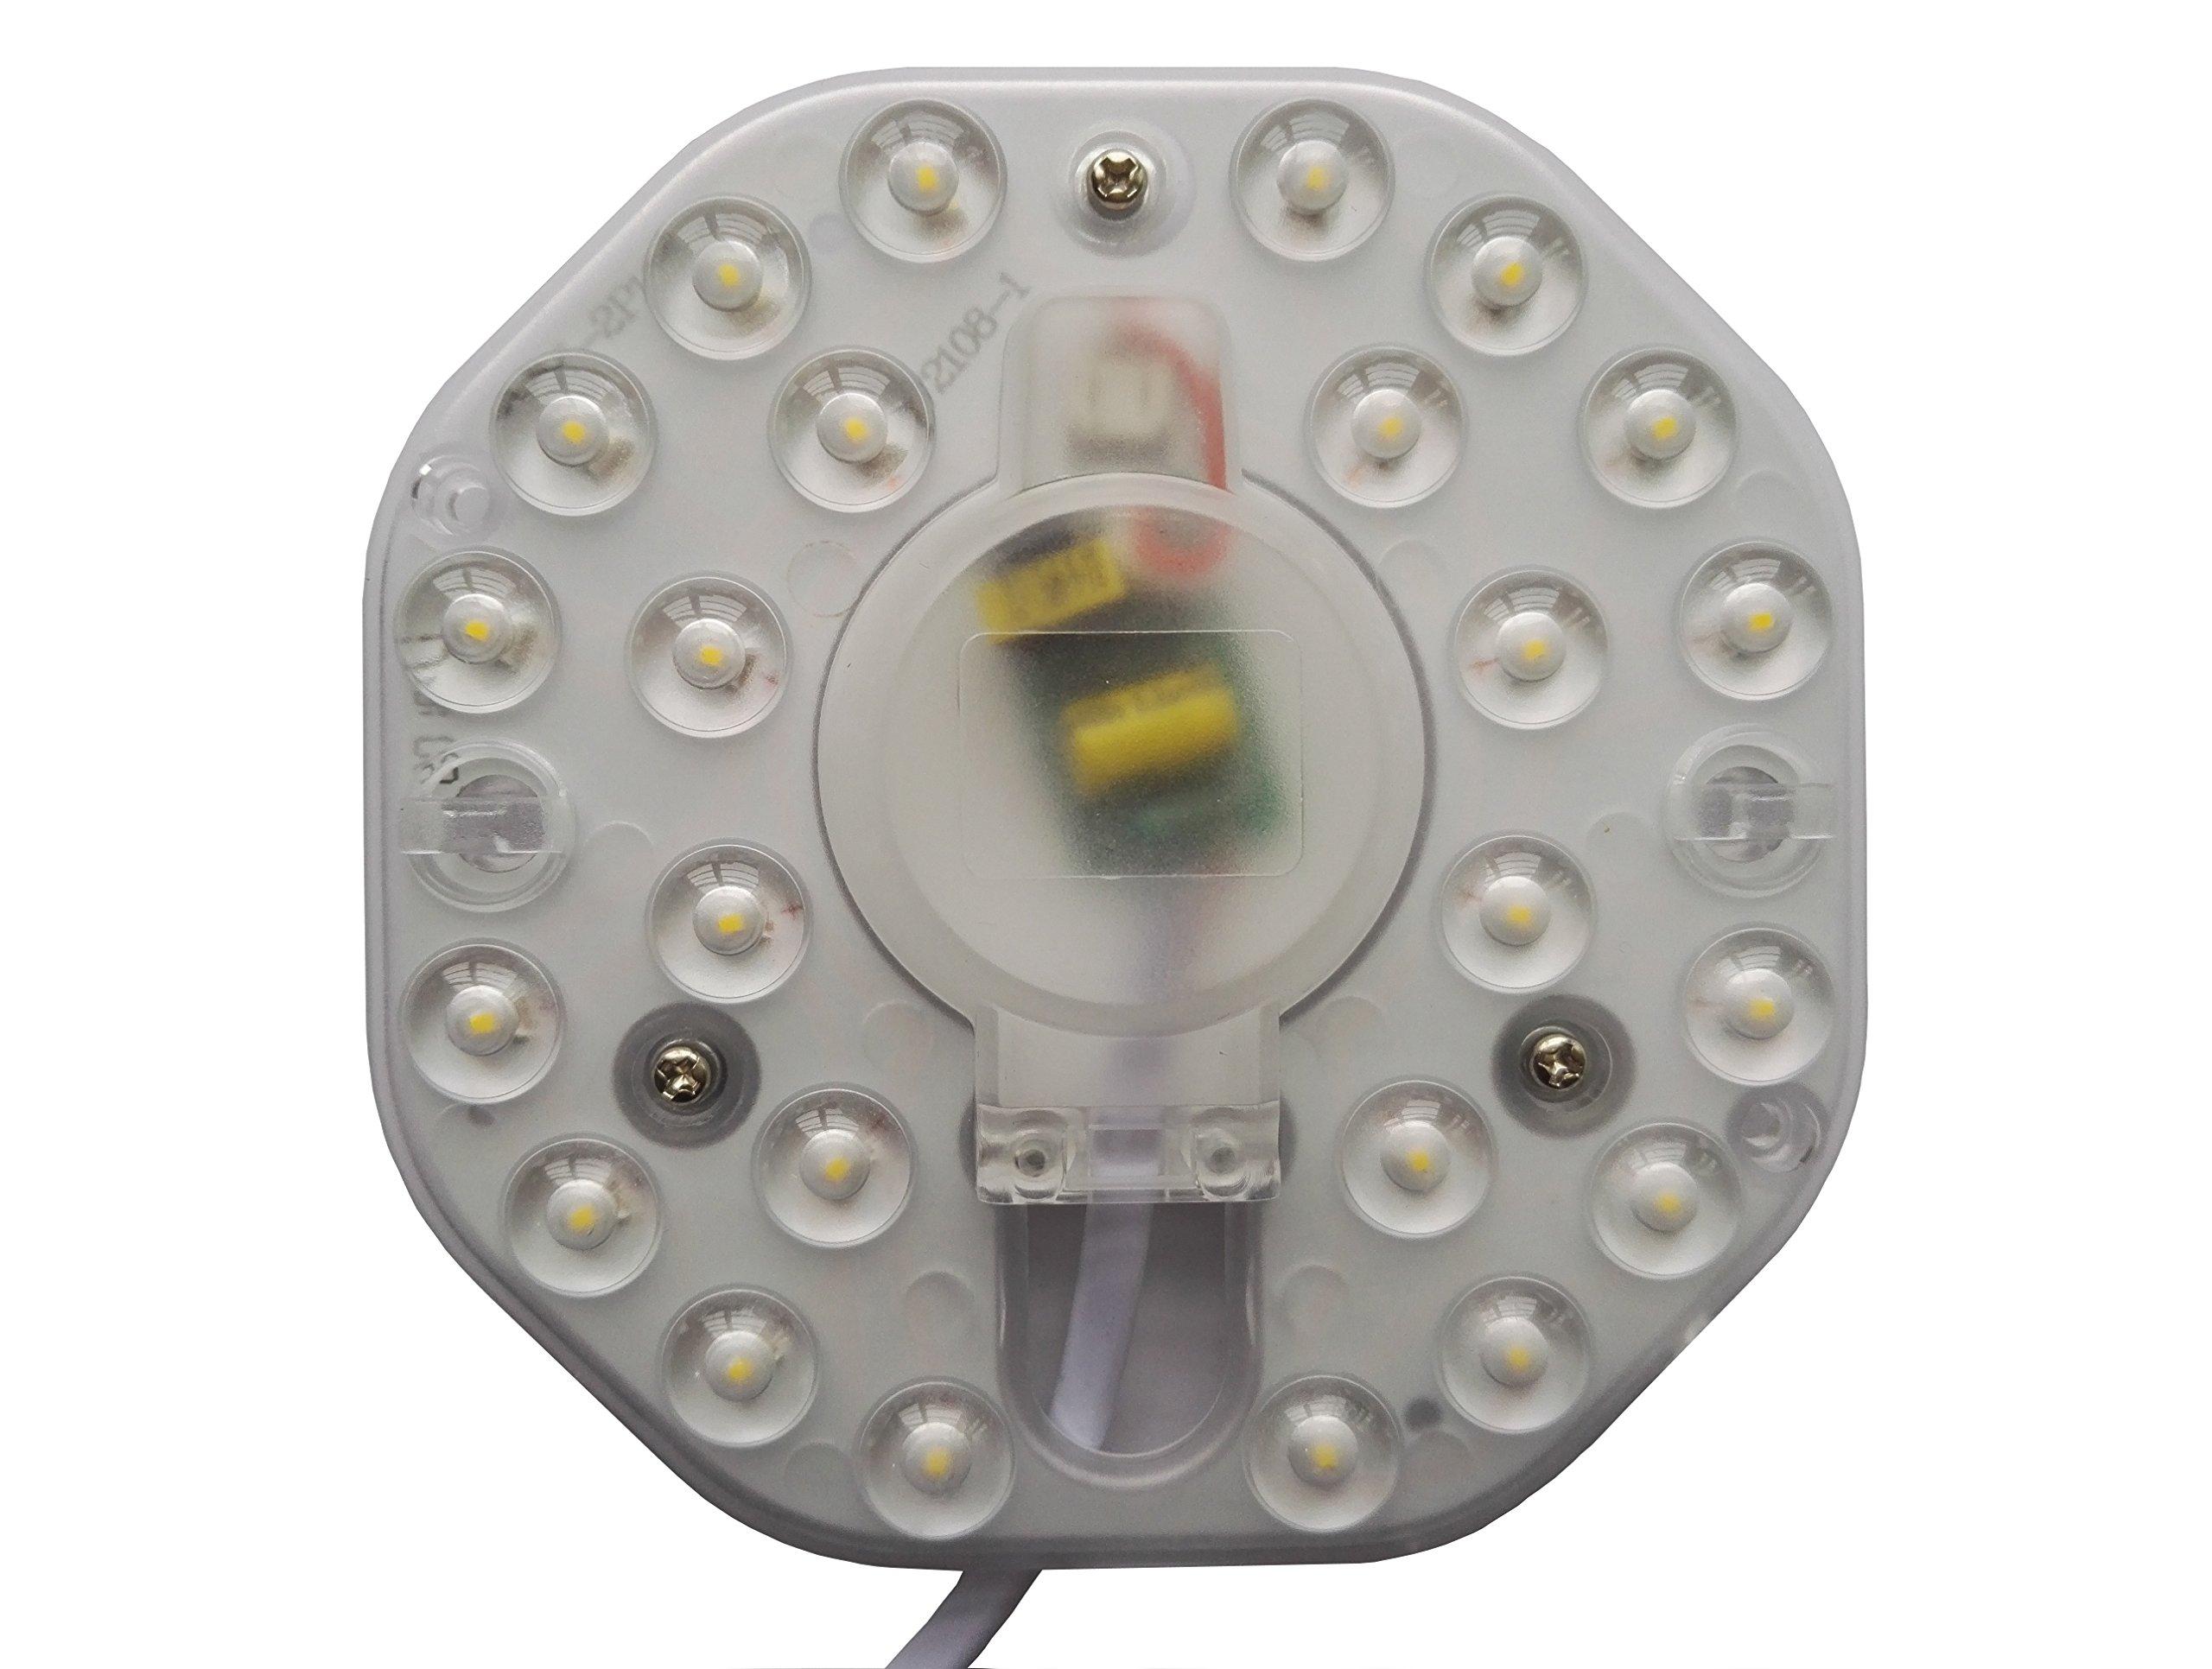 PhotonDynamic LED Lamp Plate Module, LED Light Engine Retrofit Kit For Ceiling Flush Light、Ceiling Fan Light、Absorb Dome Light、sitting room light、Kitchen lamp、Corridor light、Toilet lamp、etc. (12W)